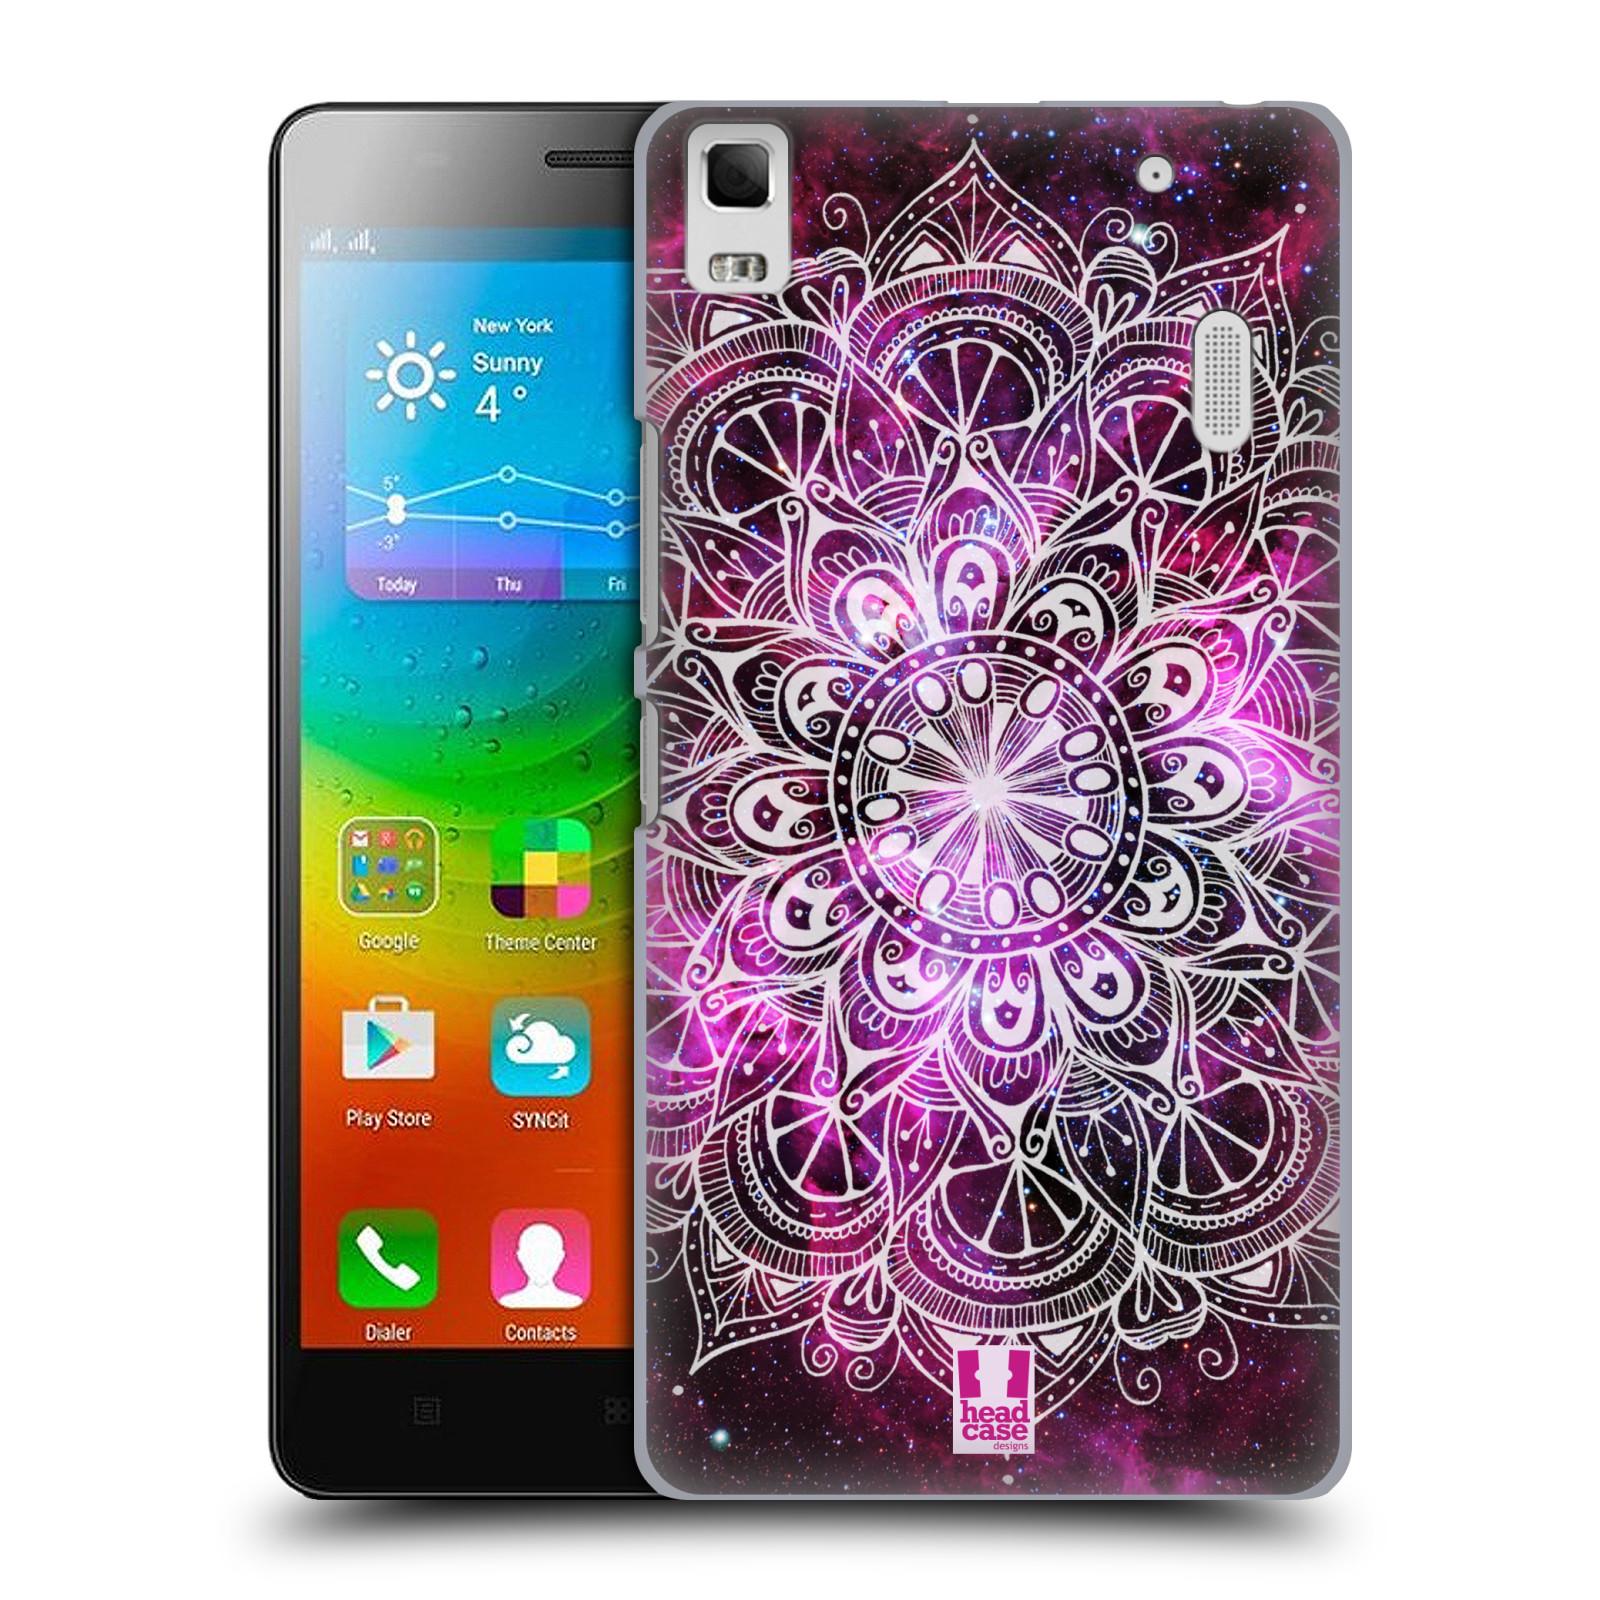 HEAD CASE pevný plastový obal na mobil LENOVO A7000 / A7000 DUAL / K3 NOTE vzor Indie Mandala slunce barevná FIALOVÁ MLHOVINA